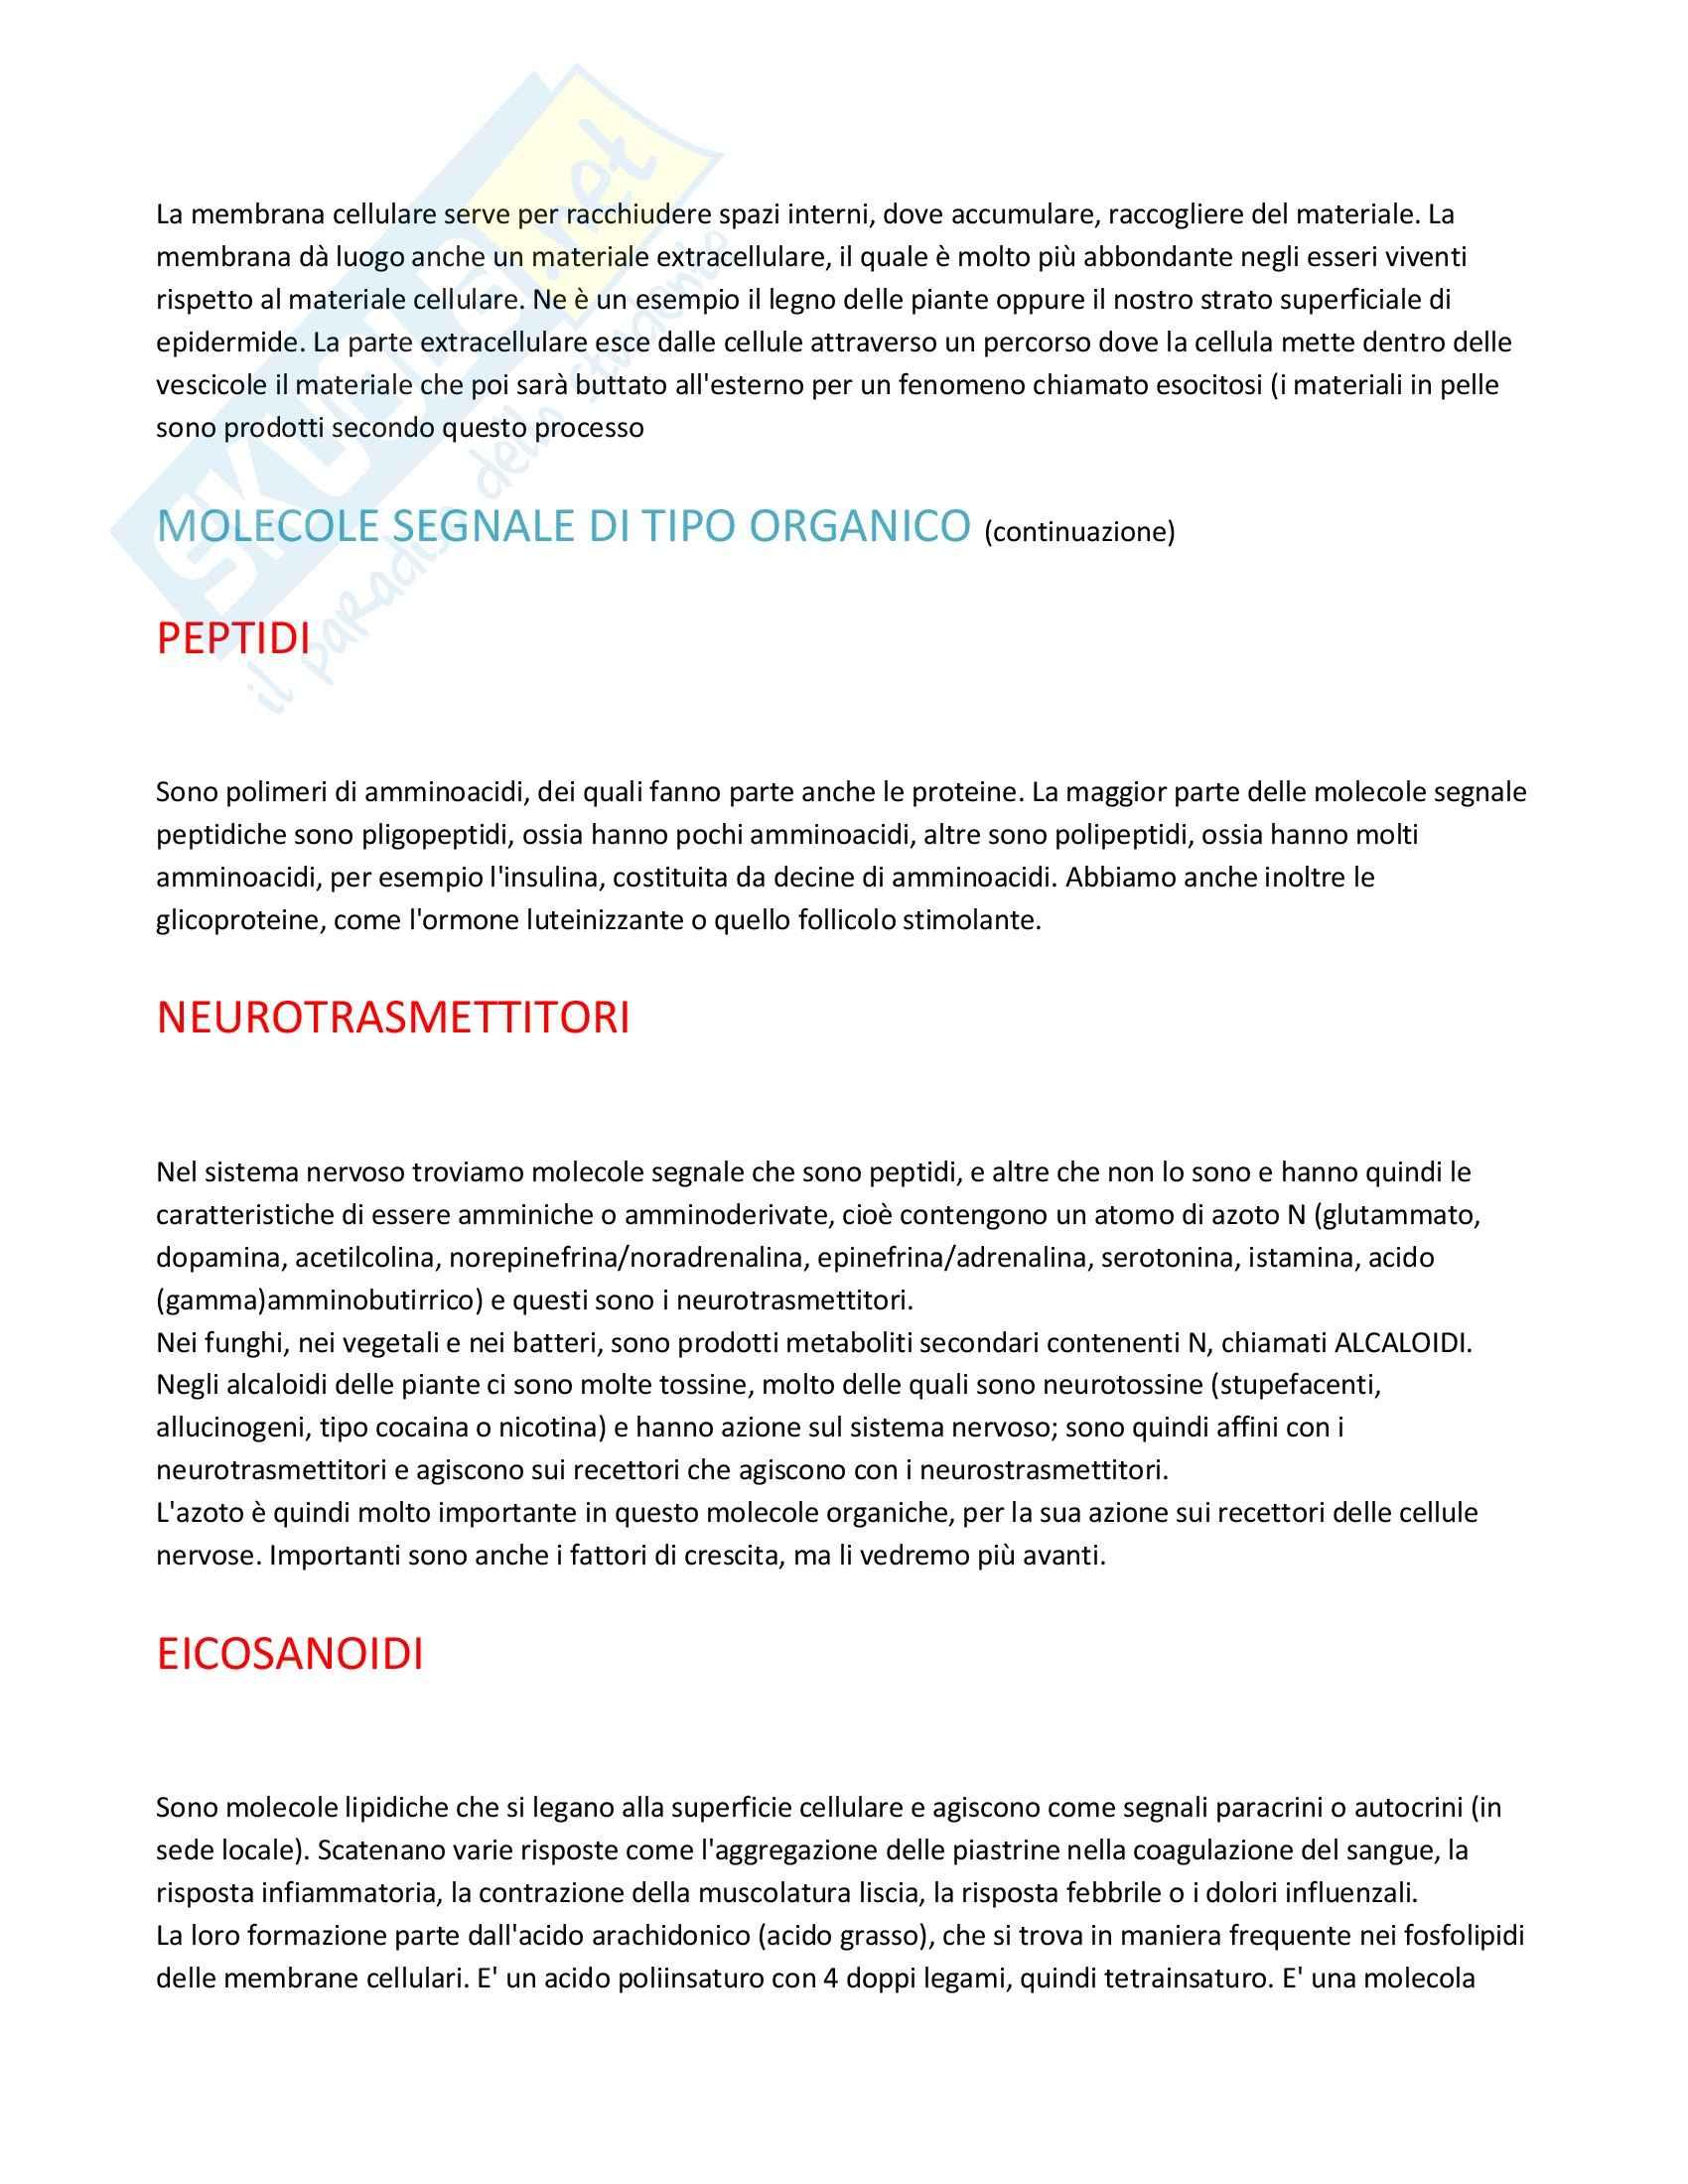 Fisiologia generale - molecole segnale e recettori